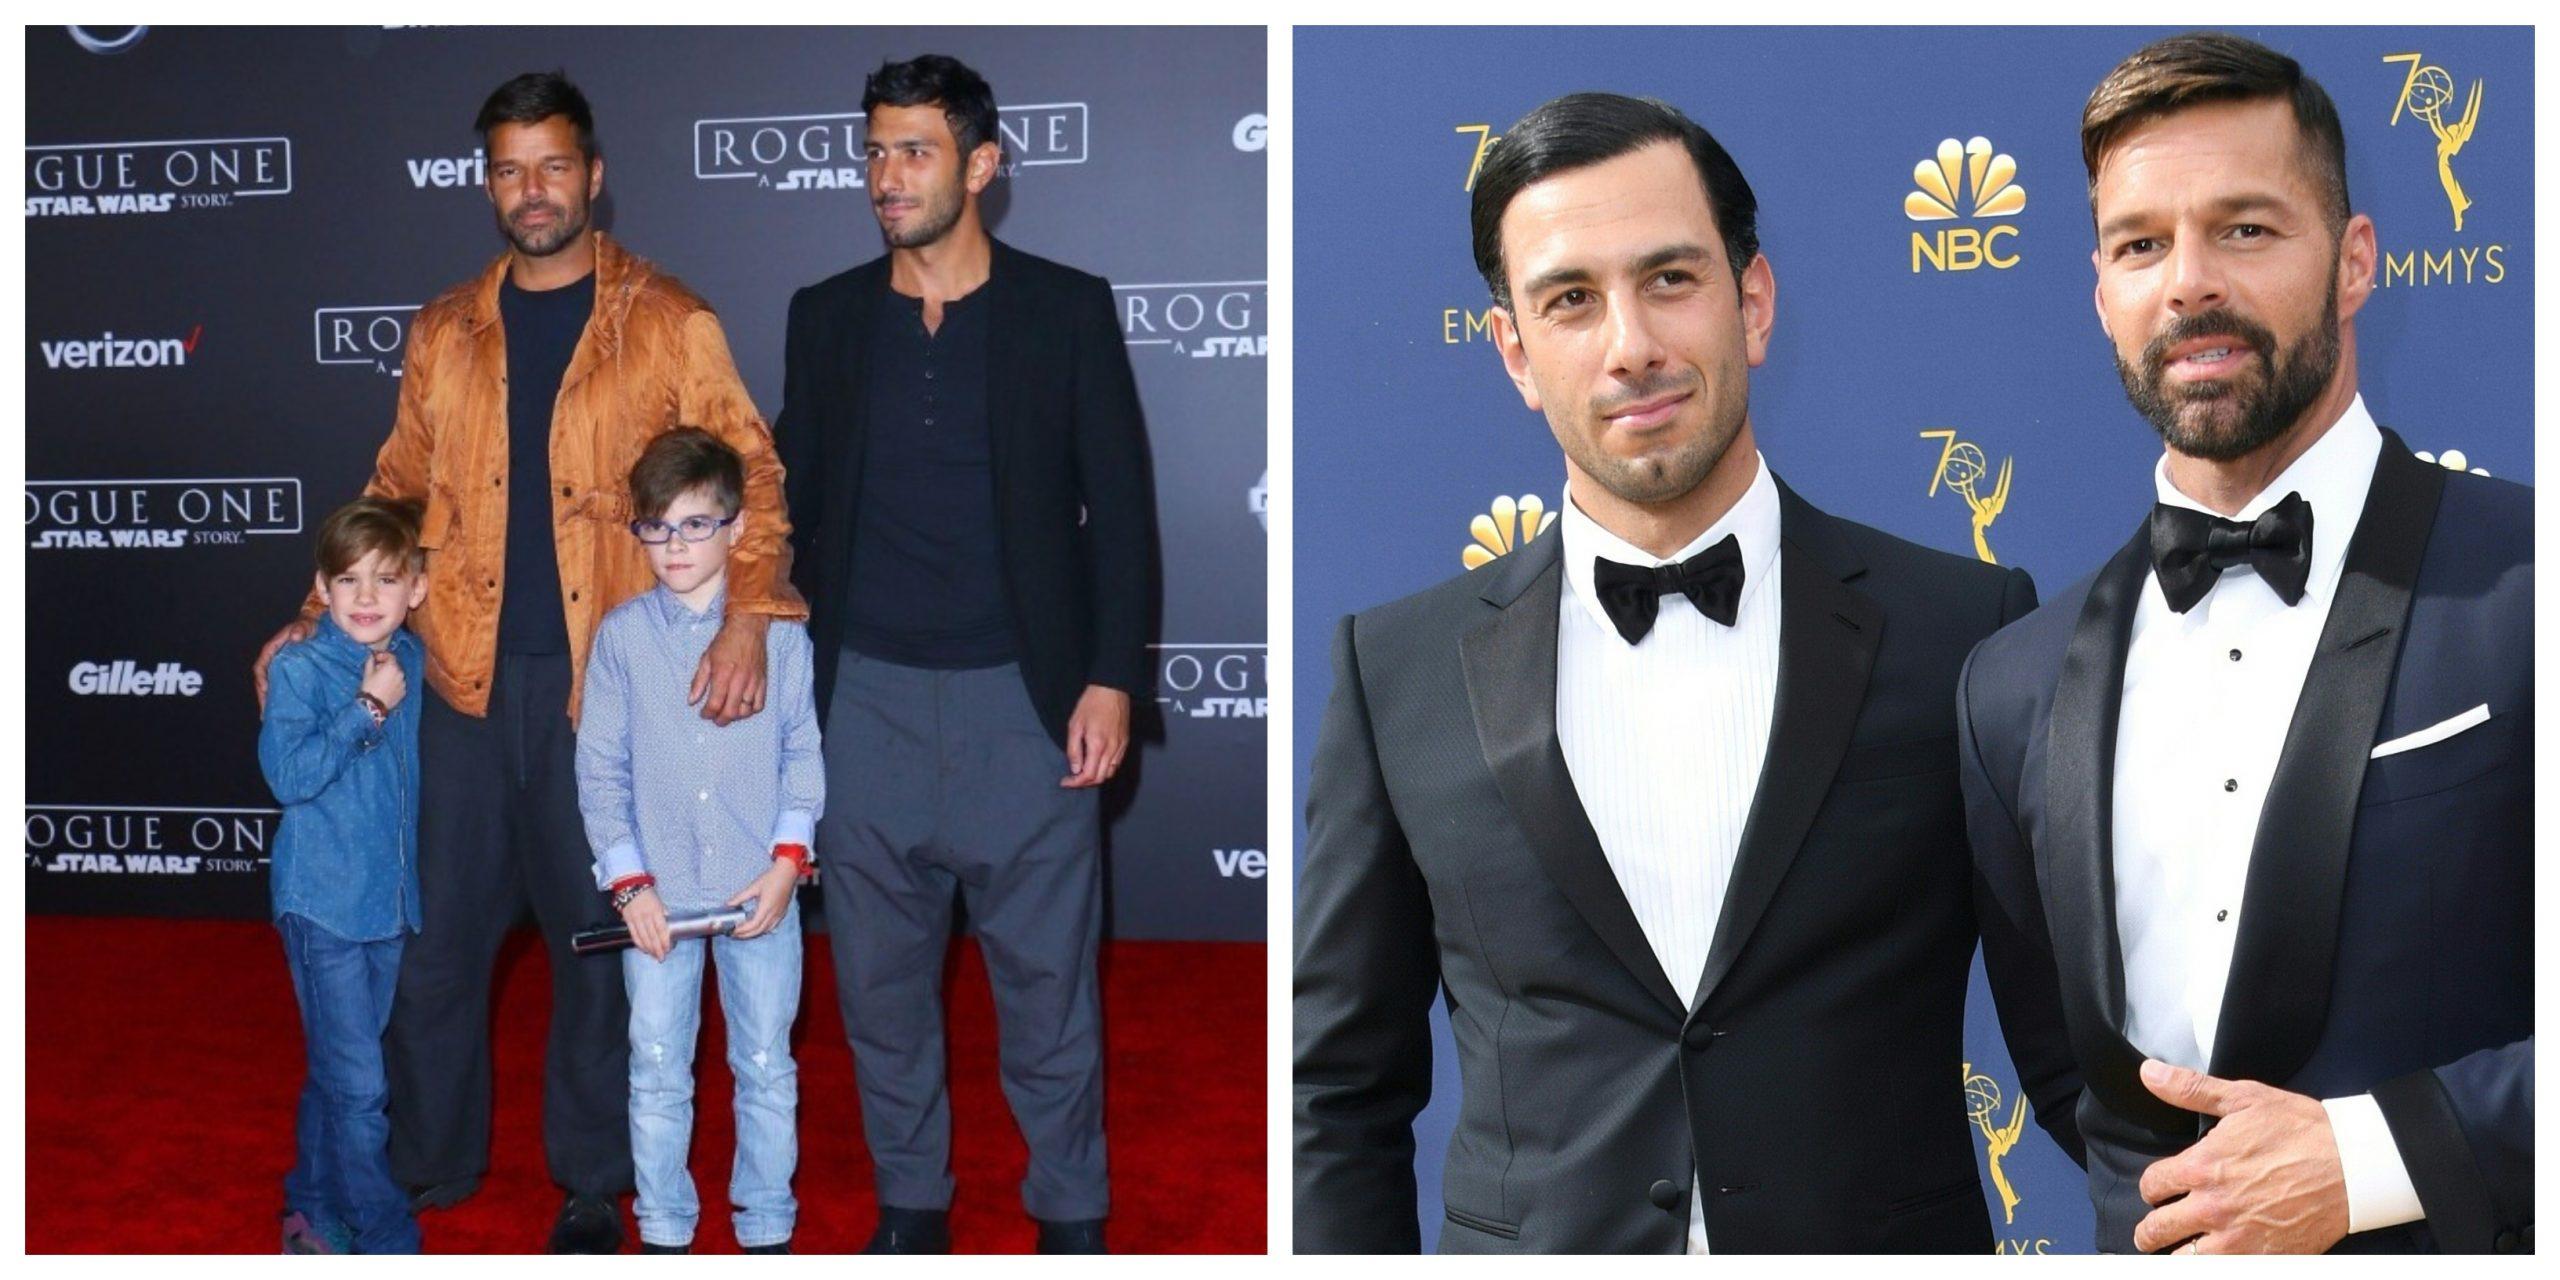 Gest șocant! O celebritate își îndeamnă copiii să devină gay